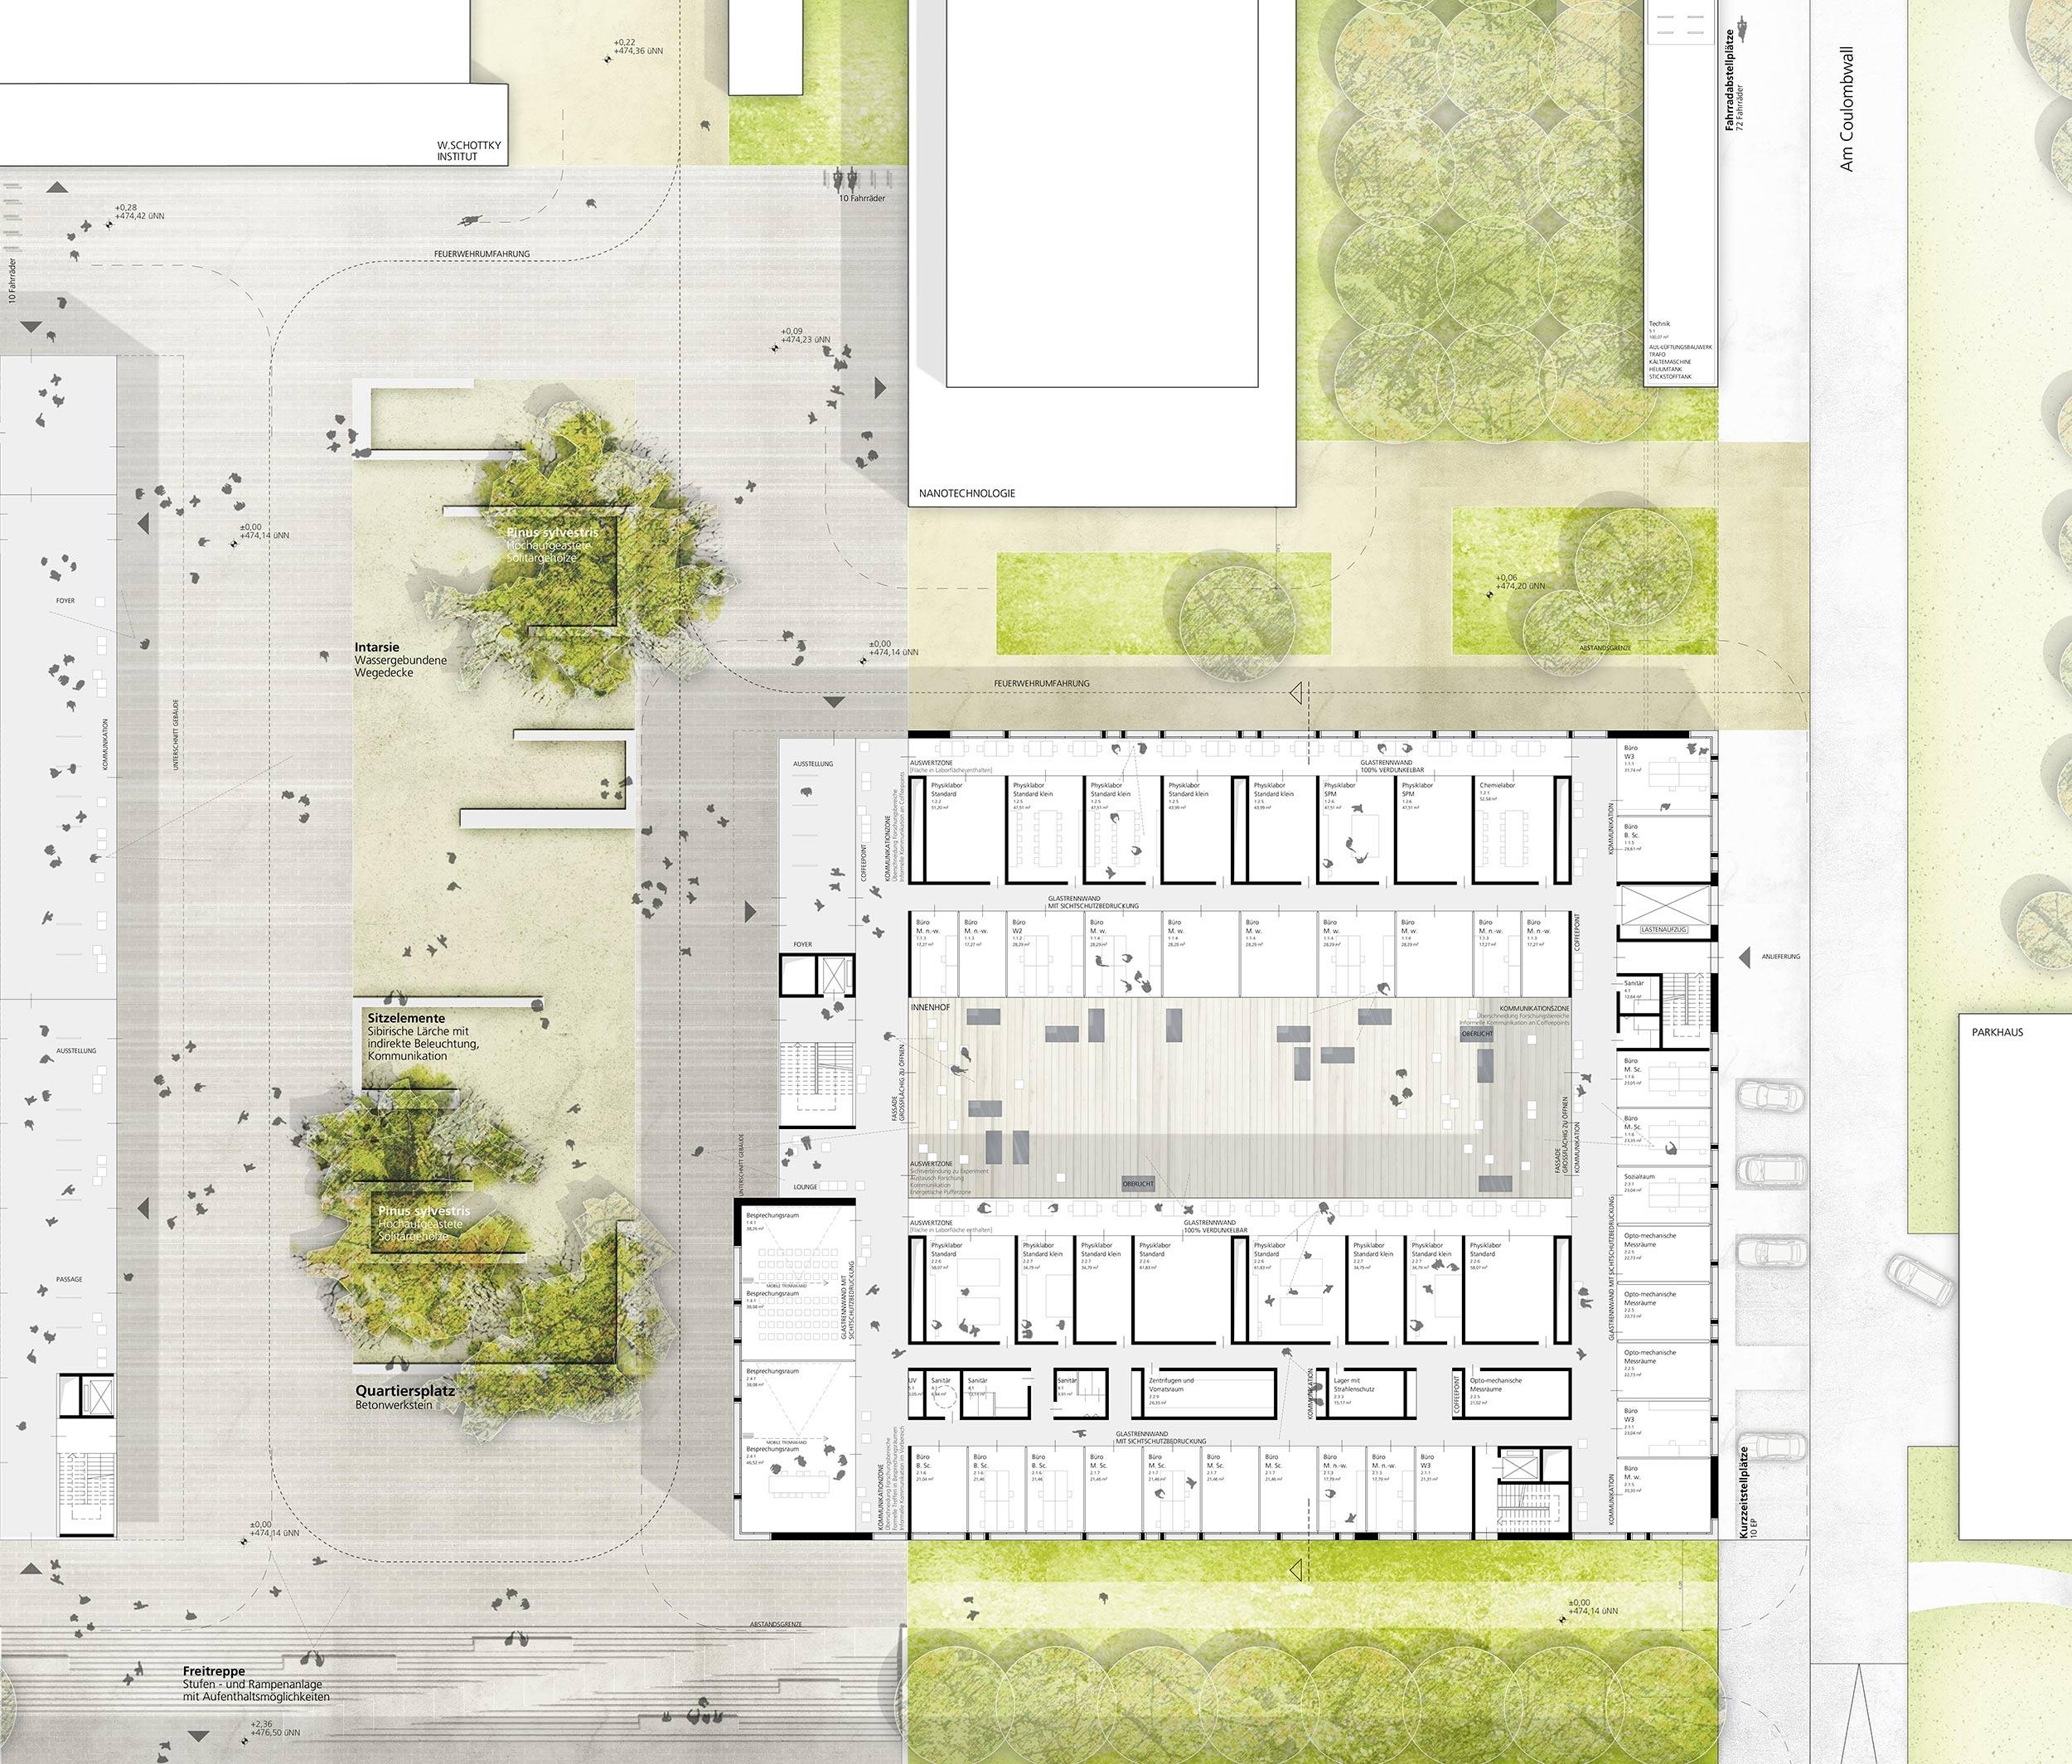 Ergebnis: Neubau eines Institutsgebäudes für Physi...competitionline